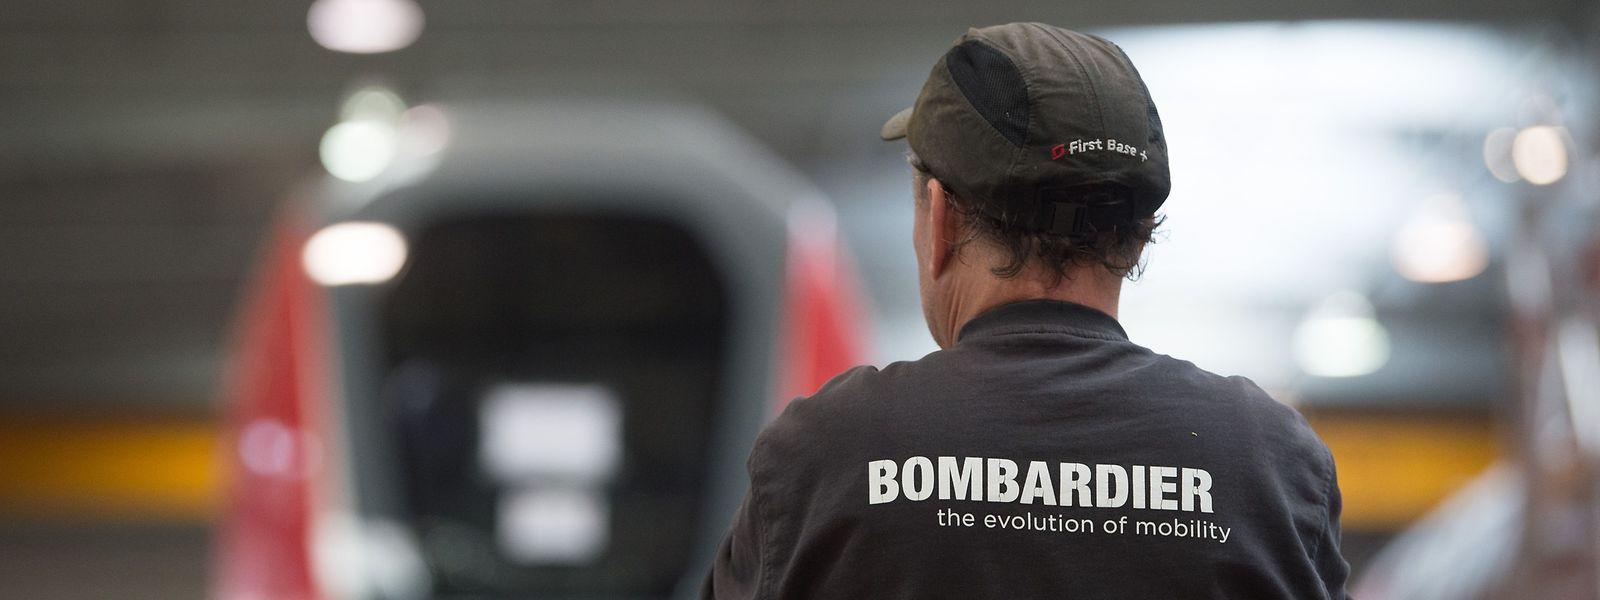 Bombardier Transport a réalisé en 2019 un chiffre d'affaires de 7 milliards d'euros.